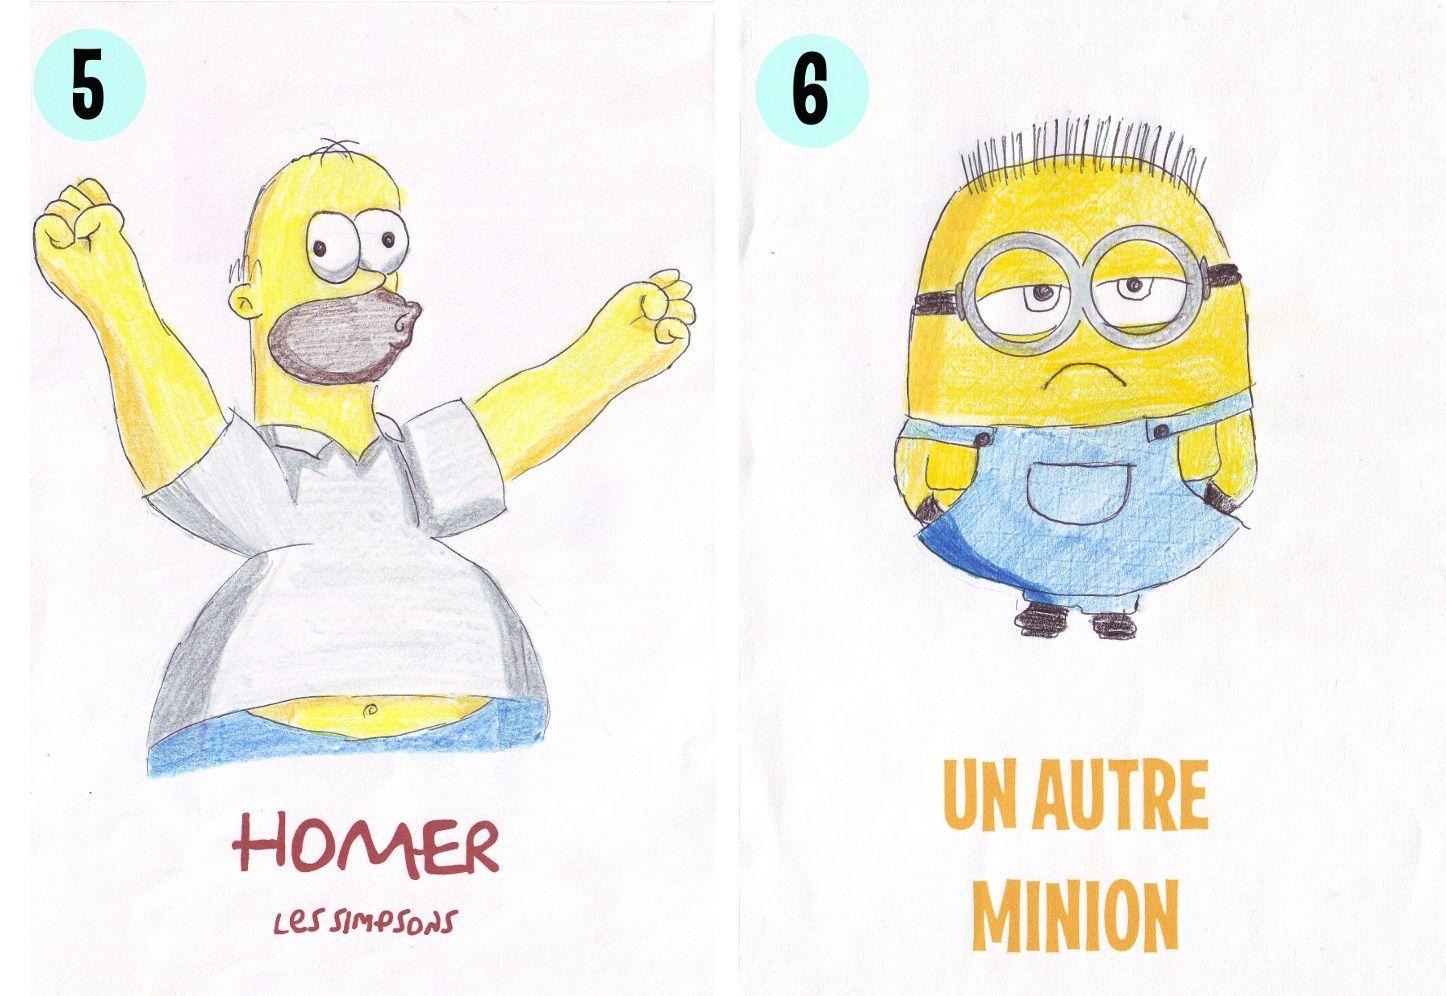 Quelques dessins de personnages de Dessins animés